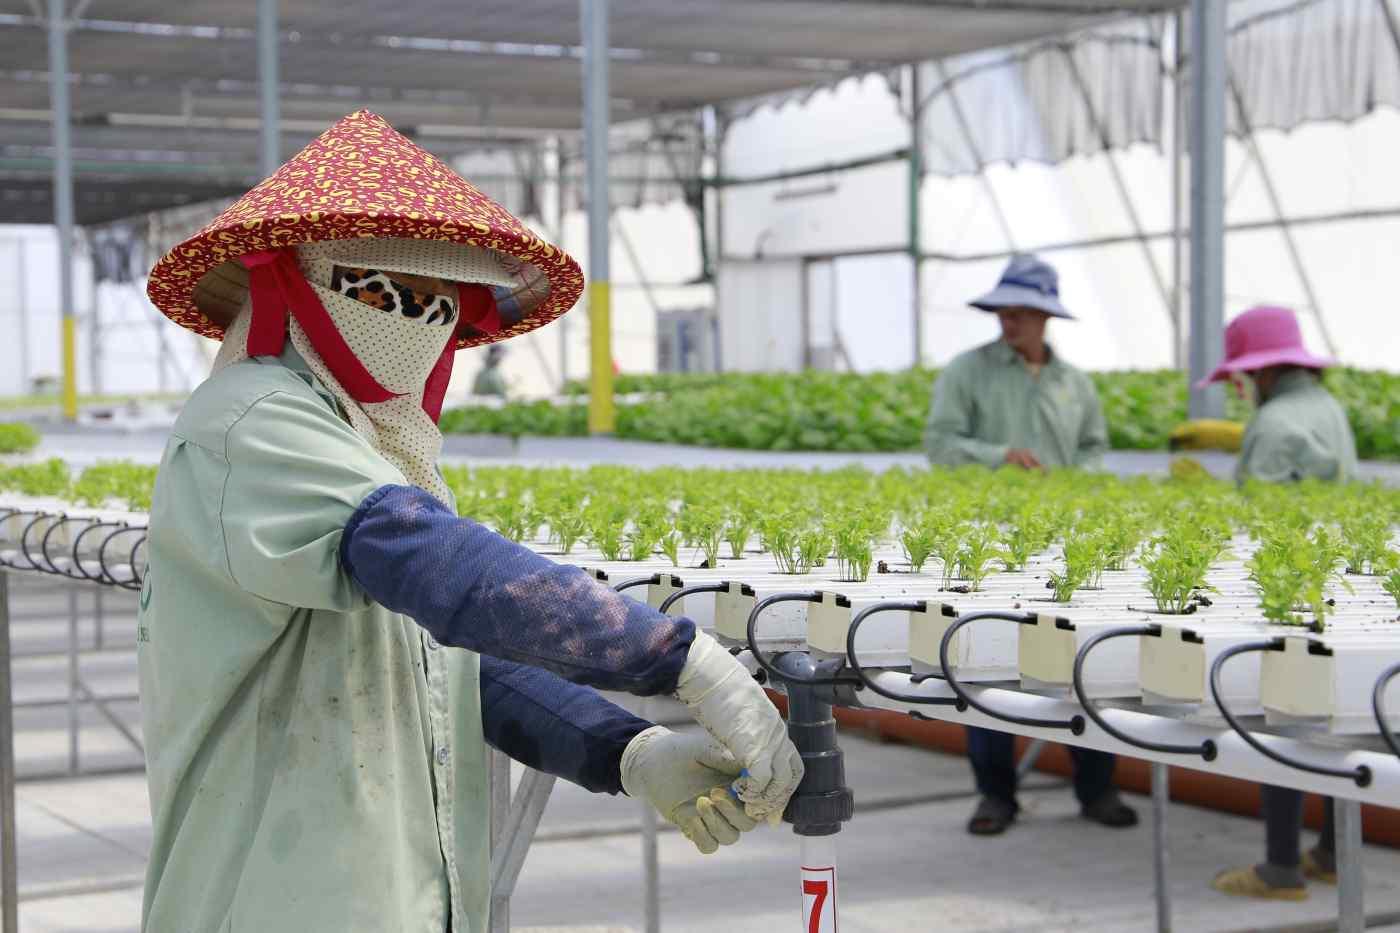 Công nghệ Israel đang góp phần hiện đại hóa ngành nông nghiệp Đông Nam Á như thế nào? - Ảnh 1.